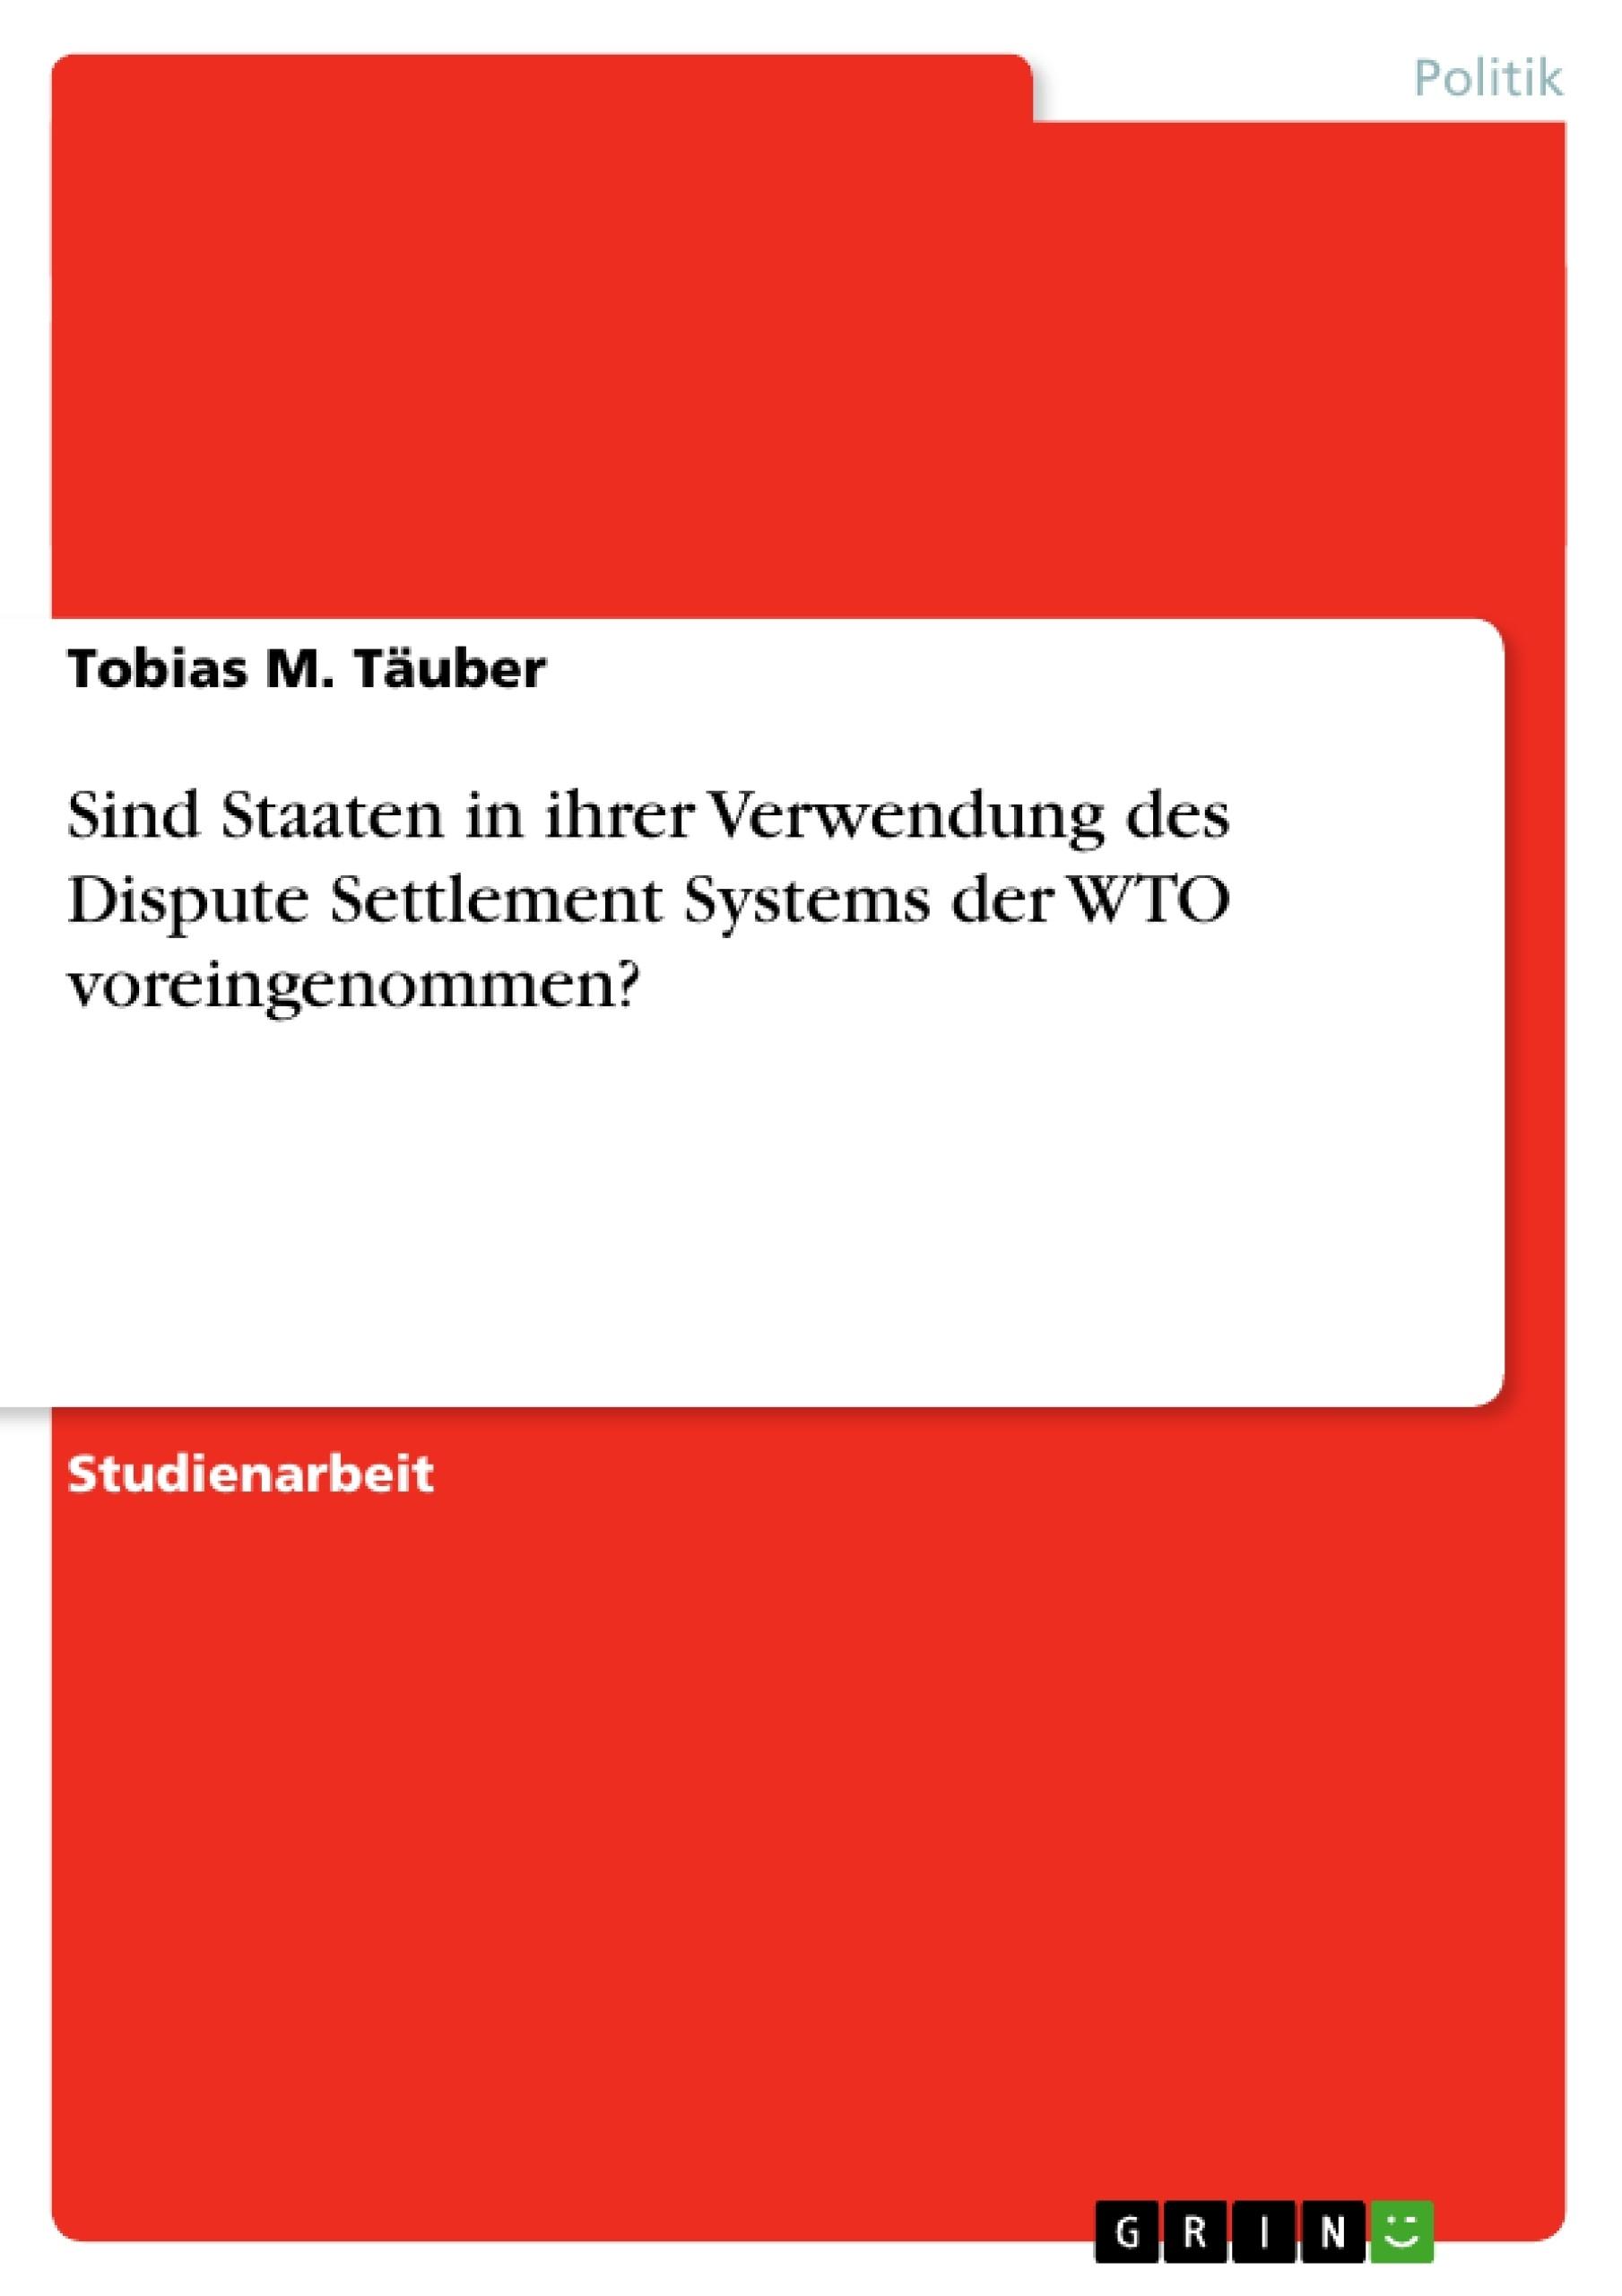 Titel: Sind Staaten in ihrer Verwendung des Dispute Settlement Systems der WTO voreingenommen?